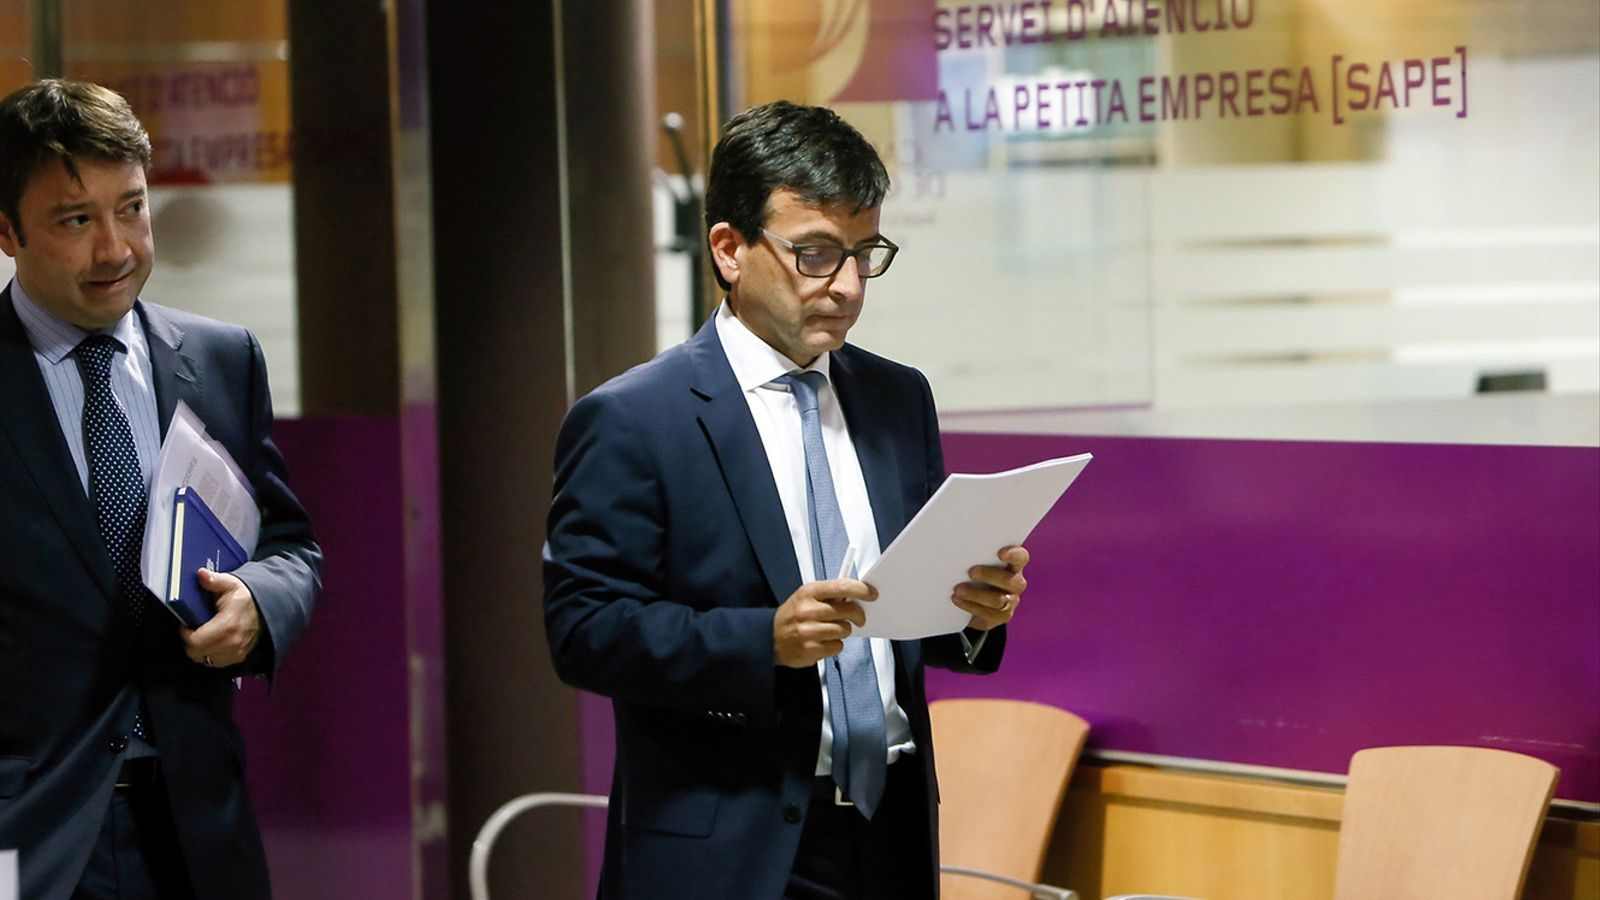 Albert Hinojosa, president de l'Agència Estatal de Resolució d'Entitats Bancàries, l'AREB, i el ministre de Finances, Jordi Cinca. / SFG